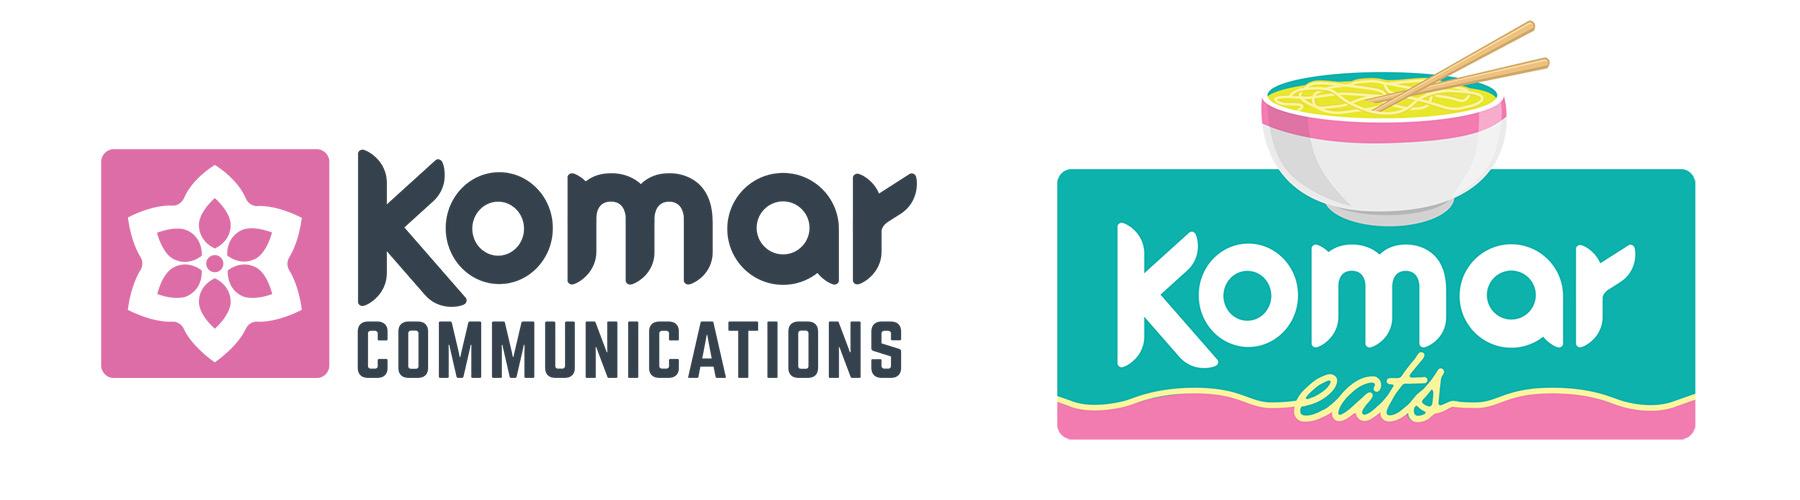 Komar-logos.jpg